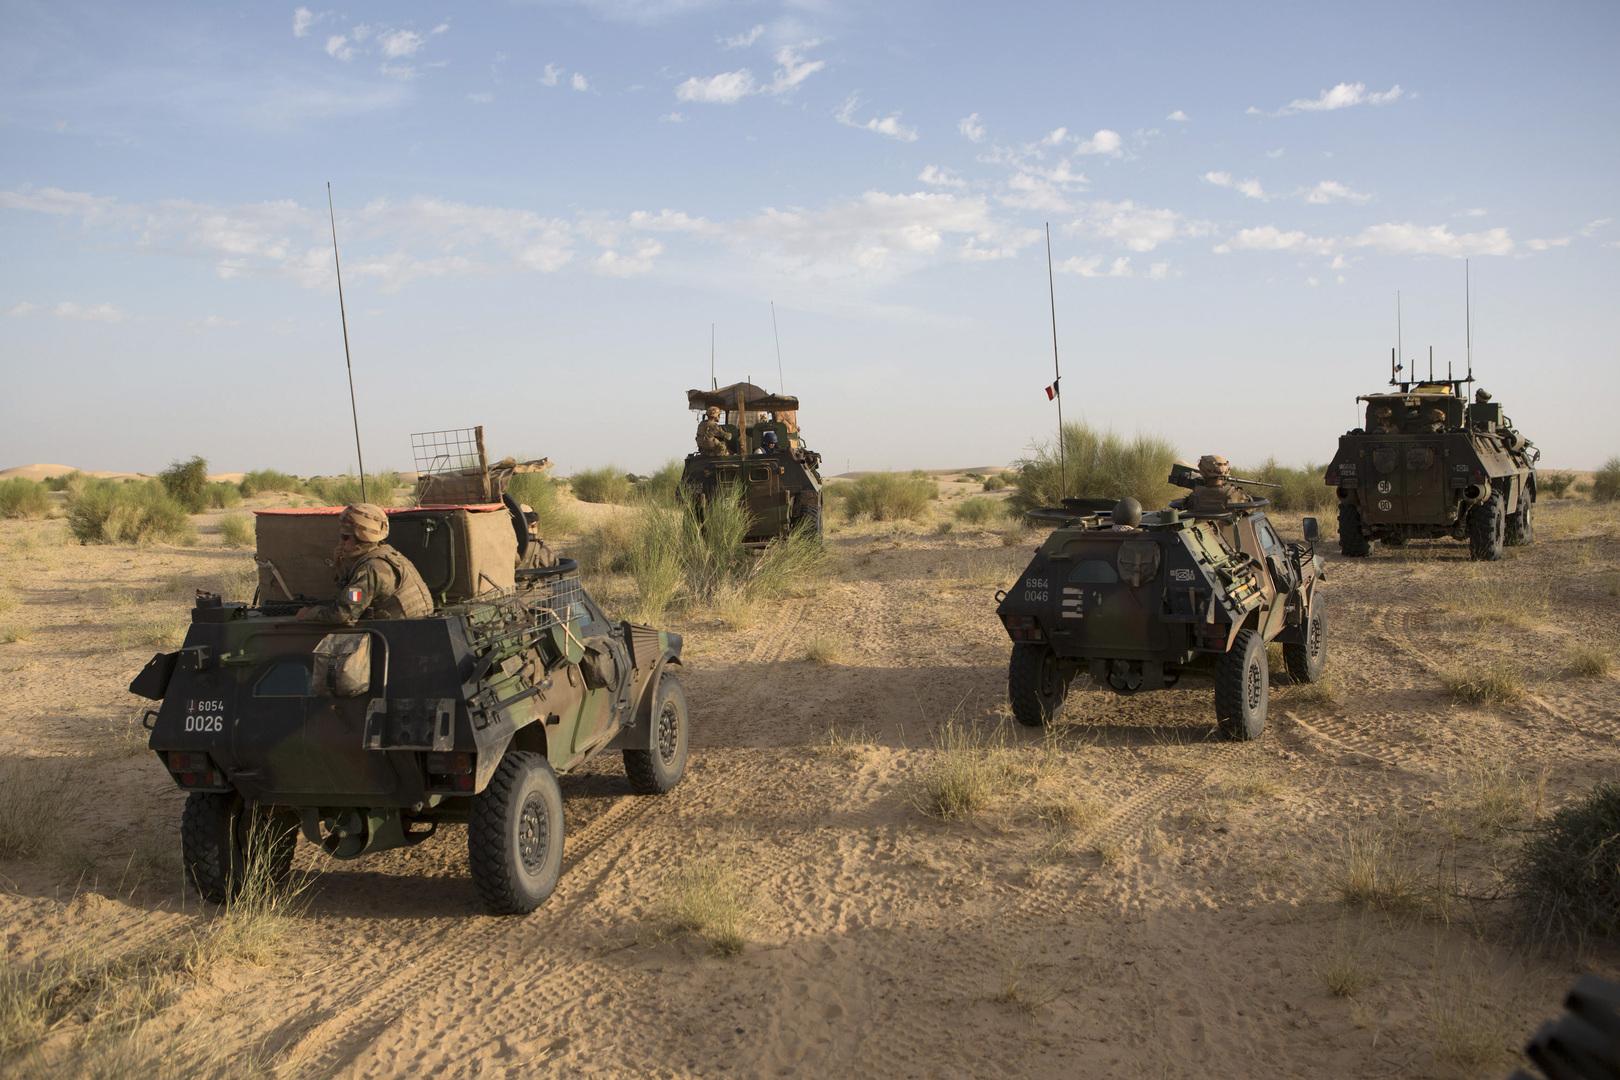 دورية للقوات الفرنسية في مالي (صورة أرشيفية)